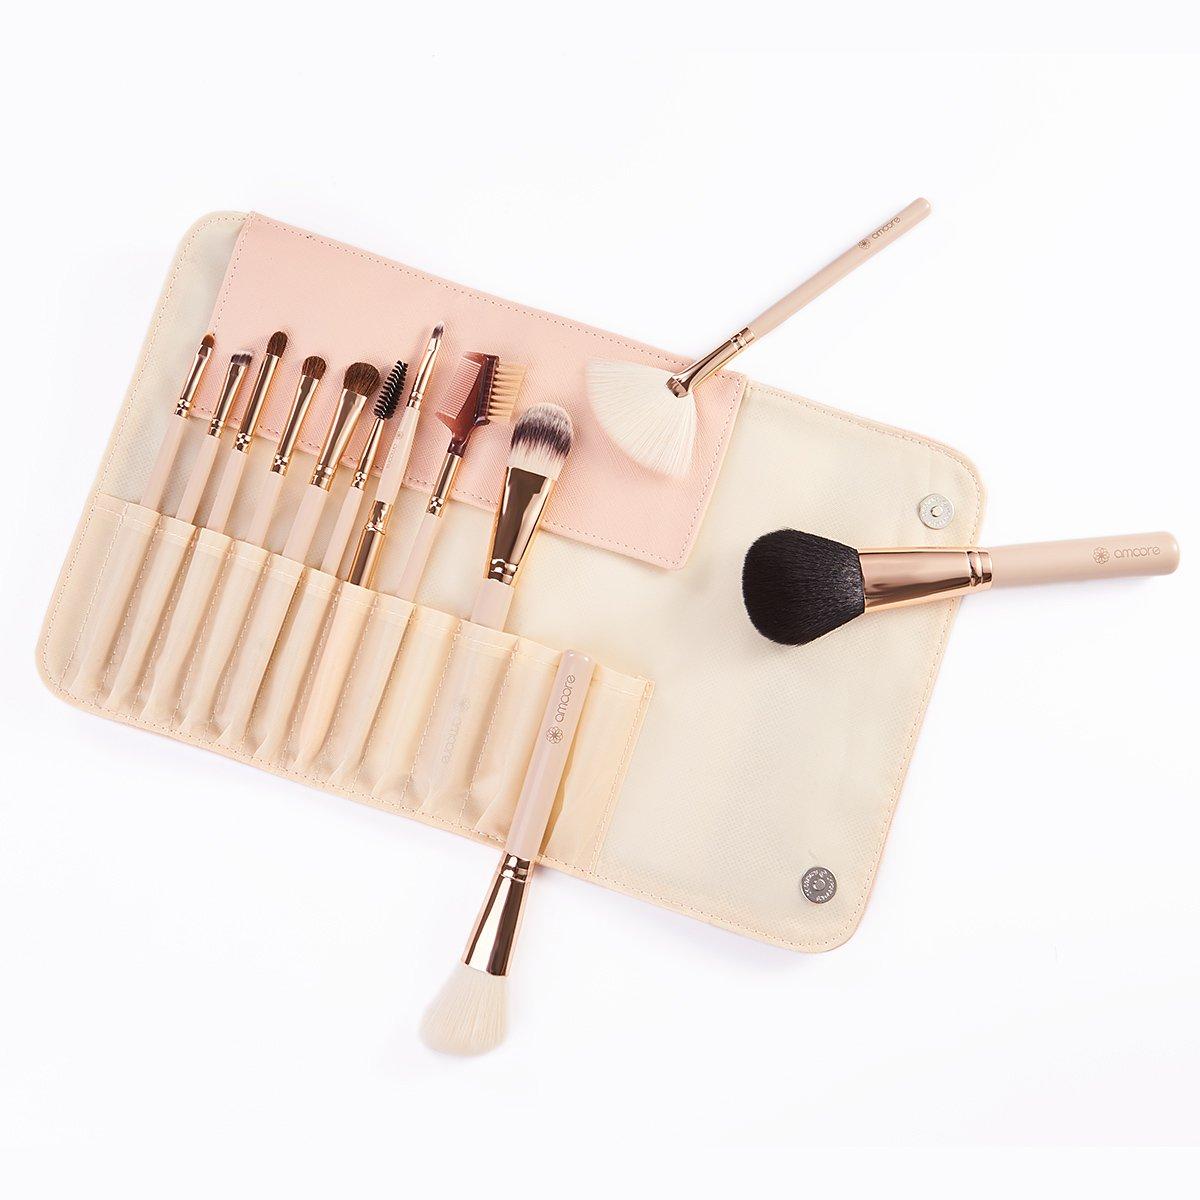 amoore 6Pcs Makeup Brushes with Case Makeup Brush Set Foundation Brush Eyeshadow Brush Travel Set (12 Pcs, Nude)